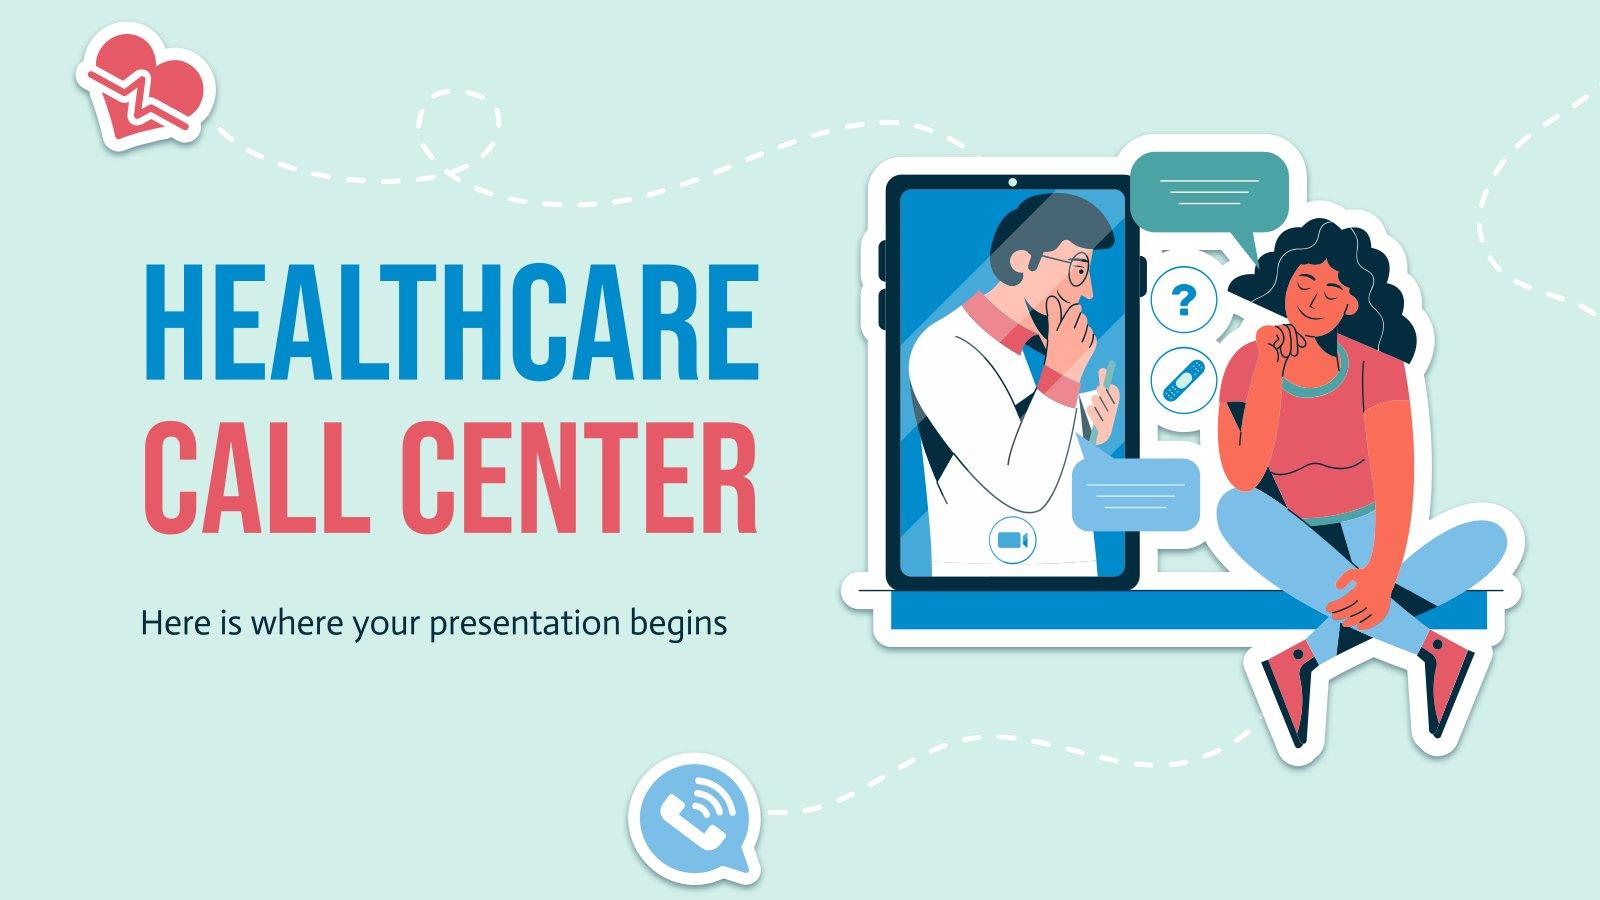 Centre d'appels de soins de santé : Modèles de présentation